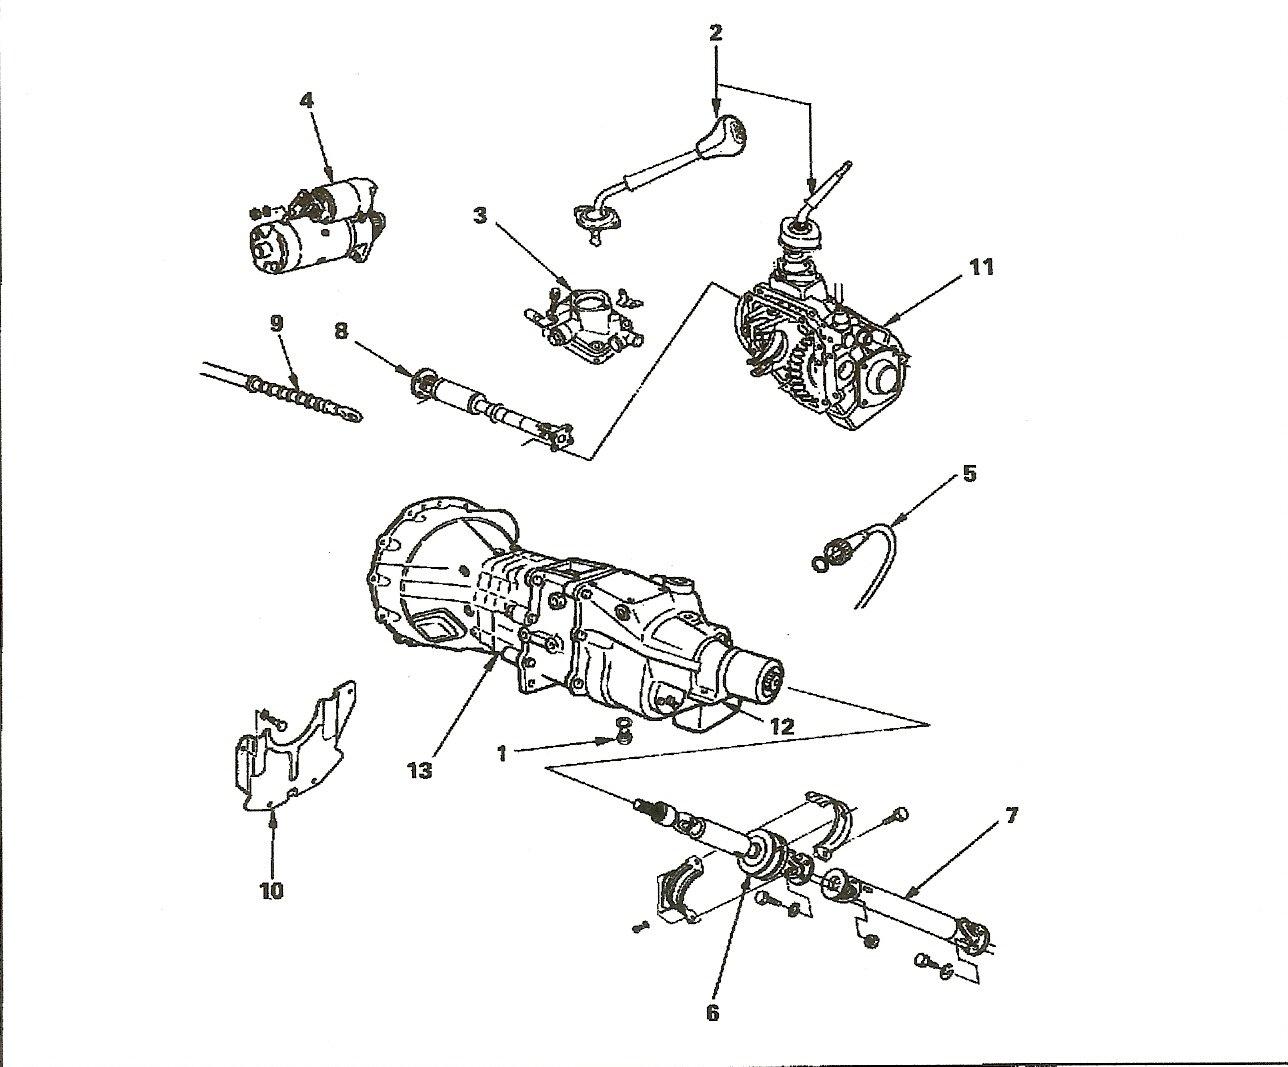 99 buick century engine diagram